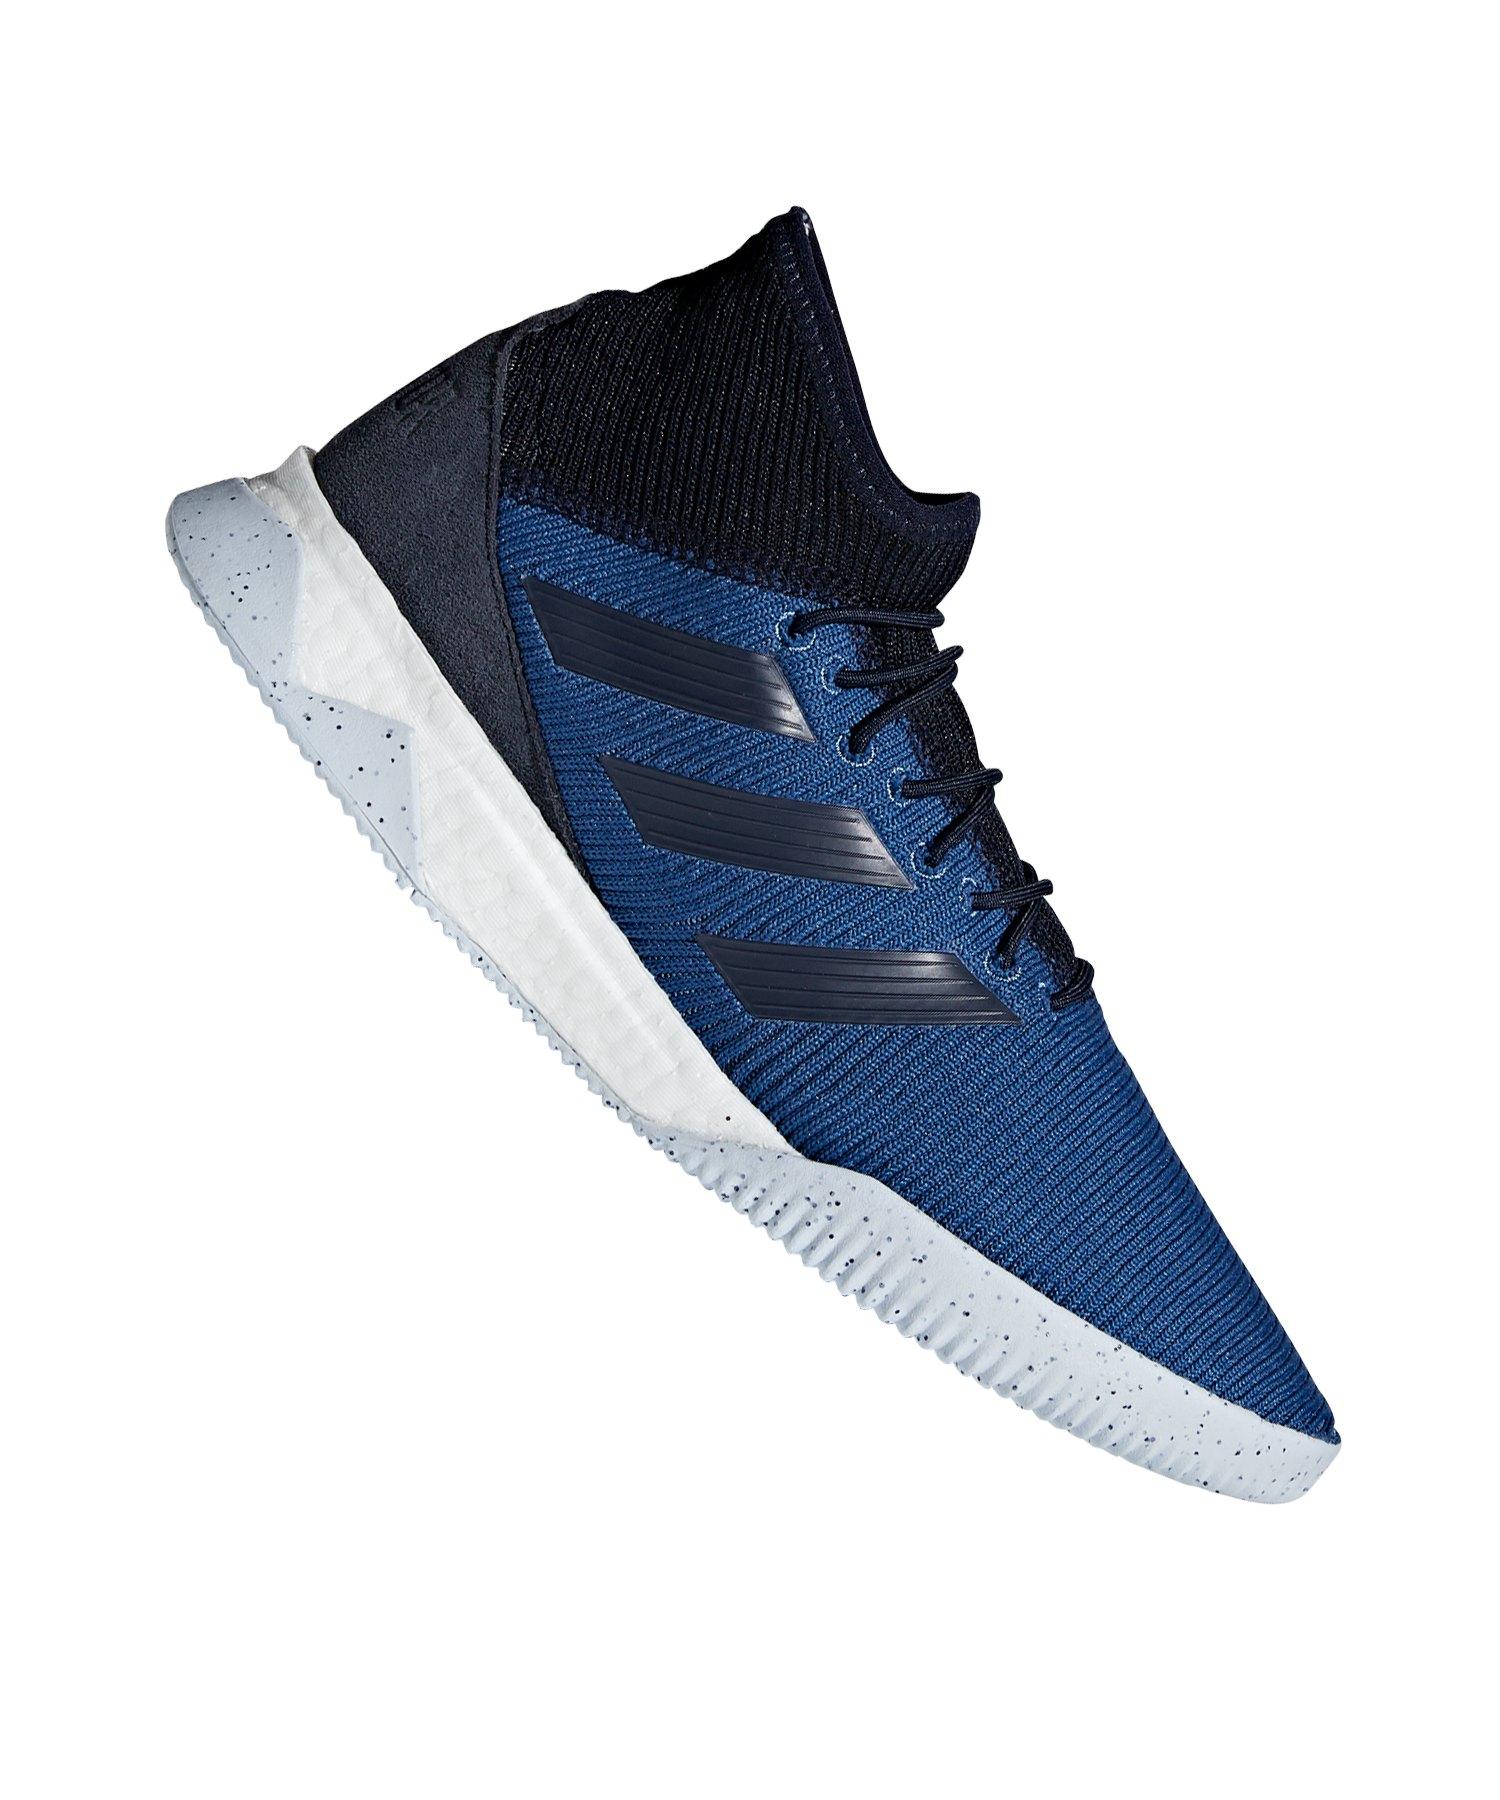 adidas Predator Tango 18.1 TR Blau - blau